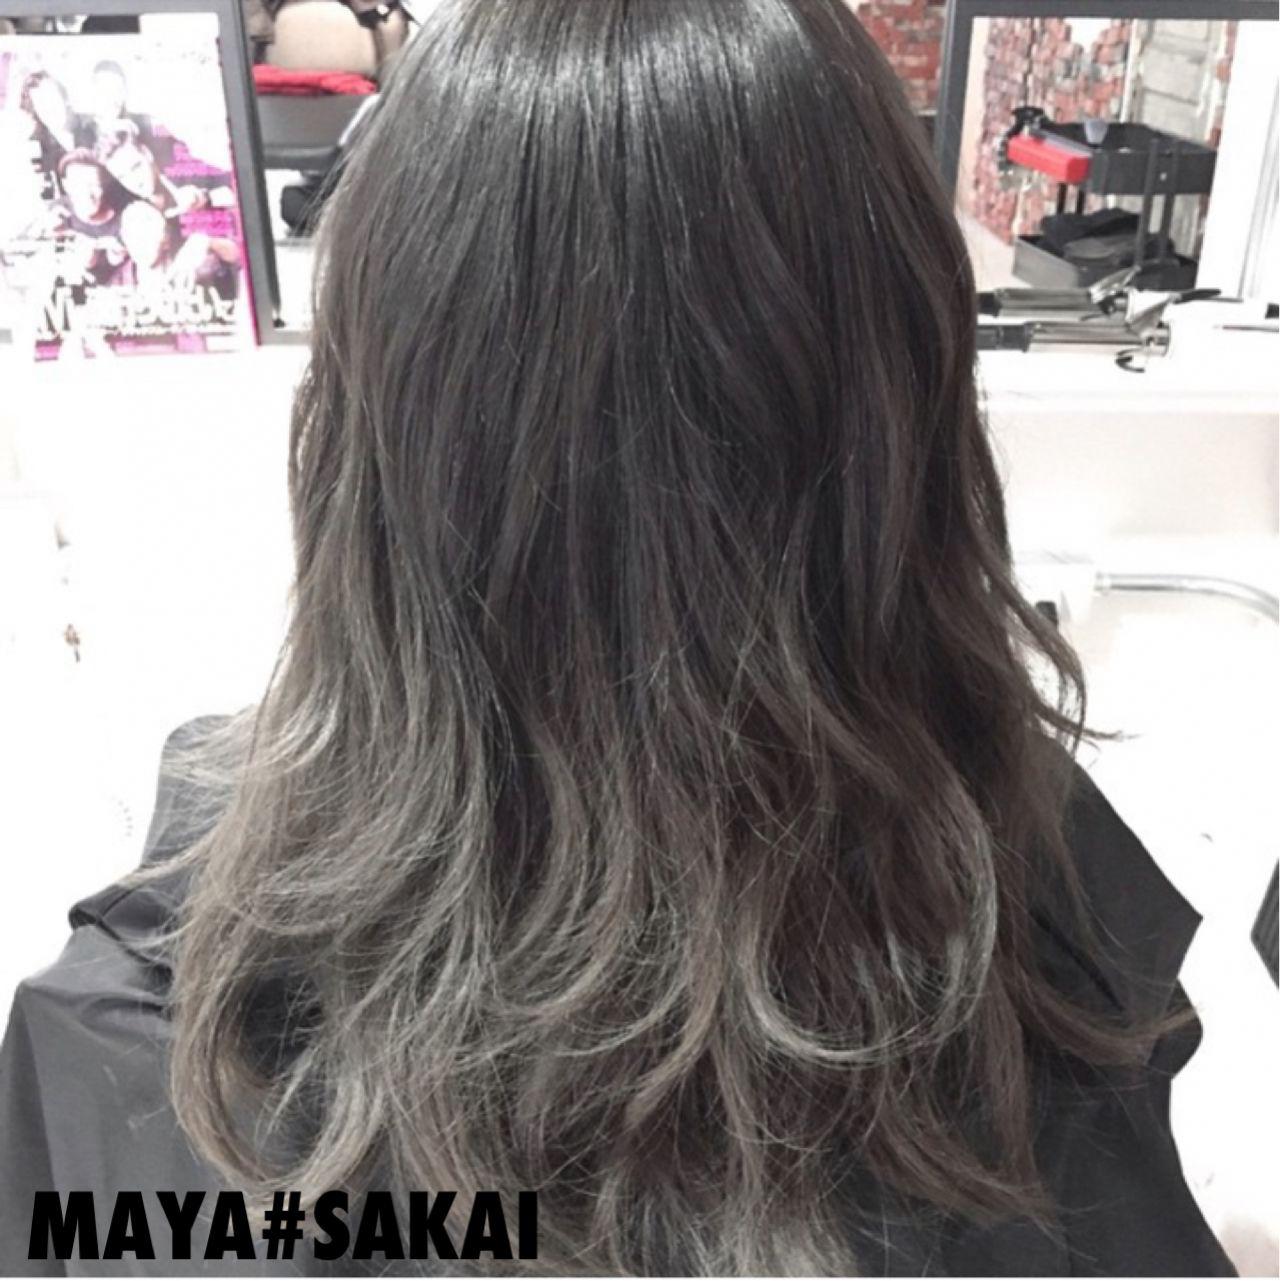 大注目の暗髪×グラデーションまとめ♡ポイントは毛先とハイライト maya#sakai